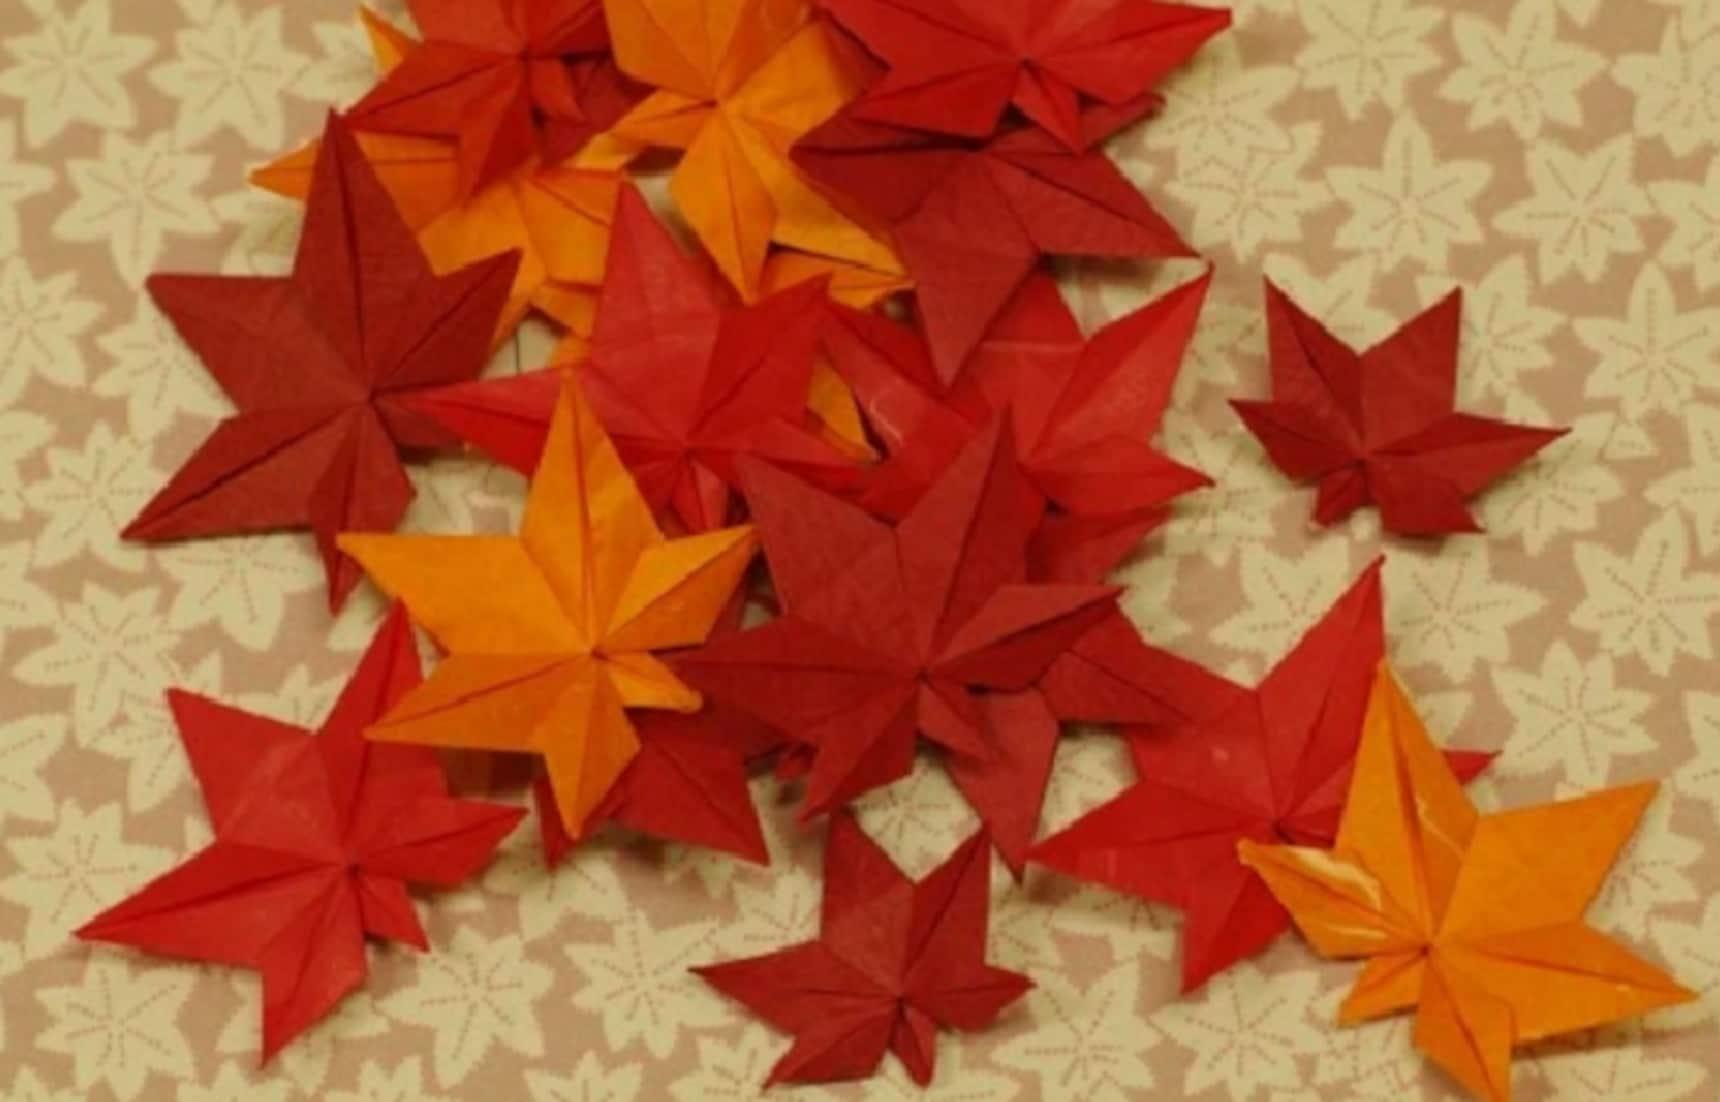 가을을 종이로 접어보자! 종이접기 디자인 6